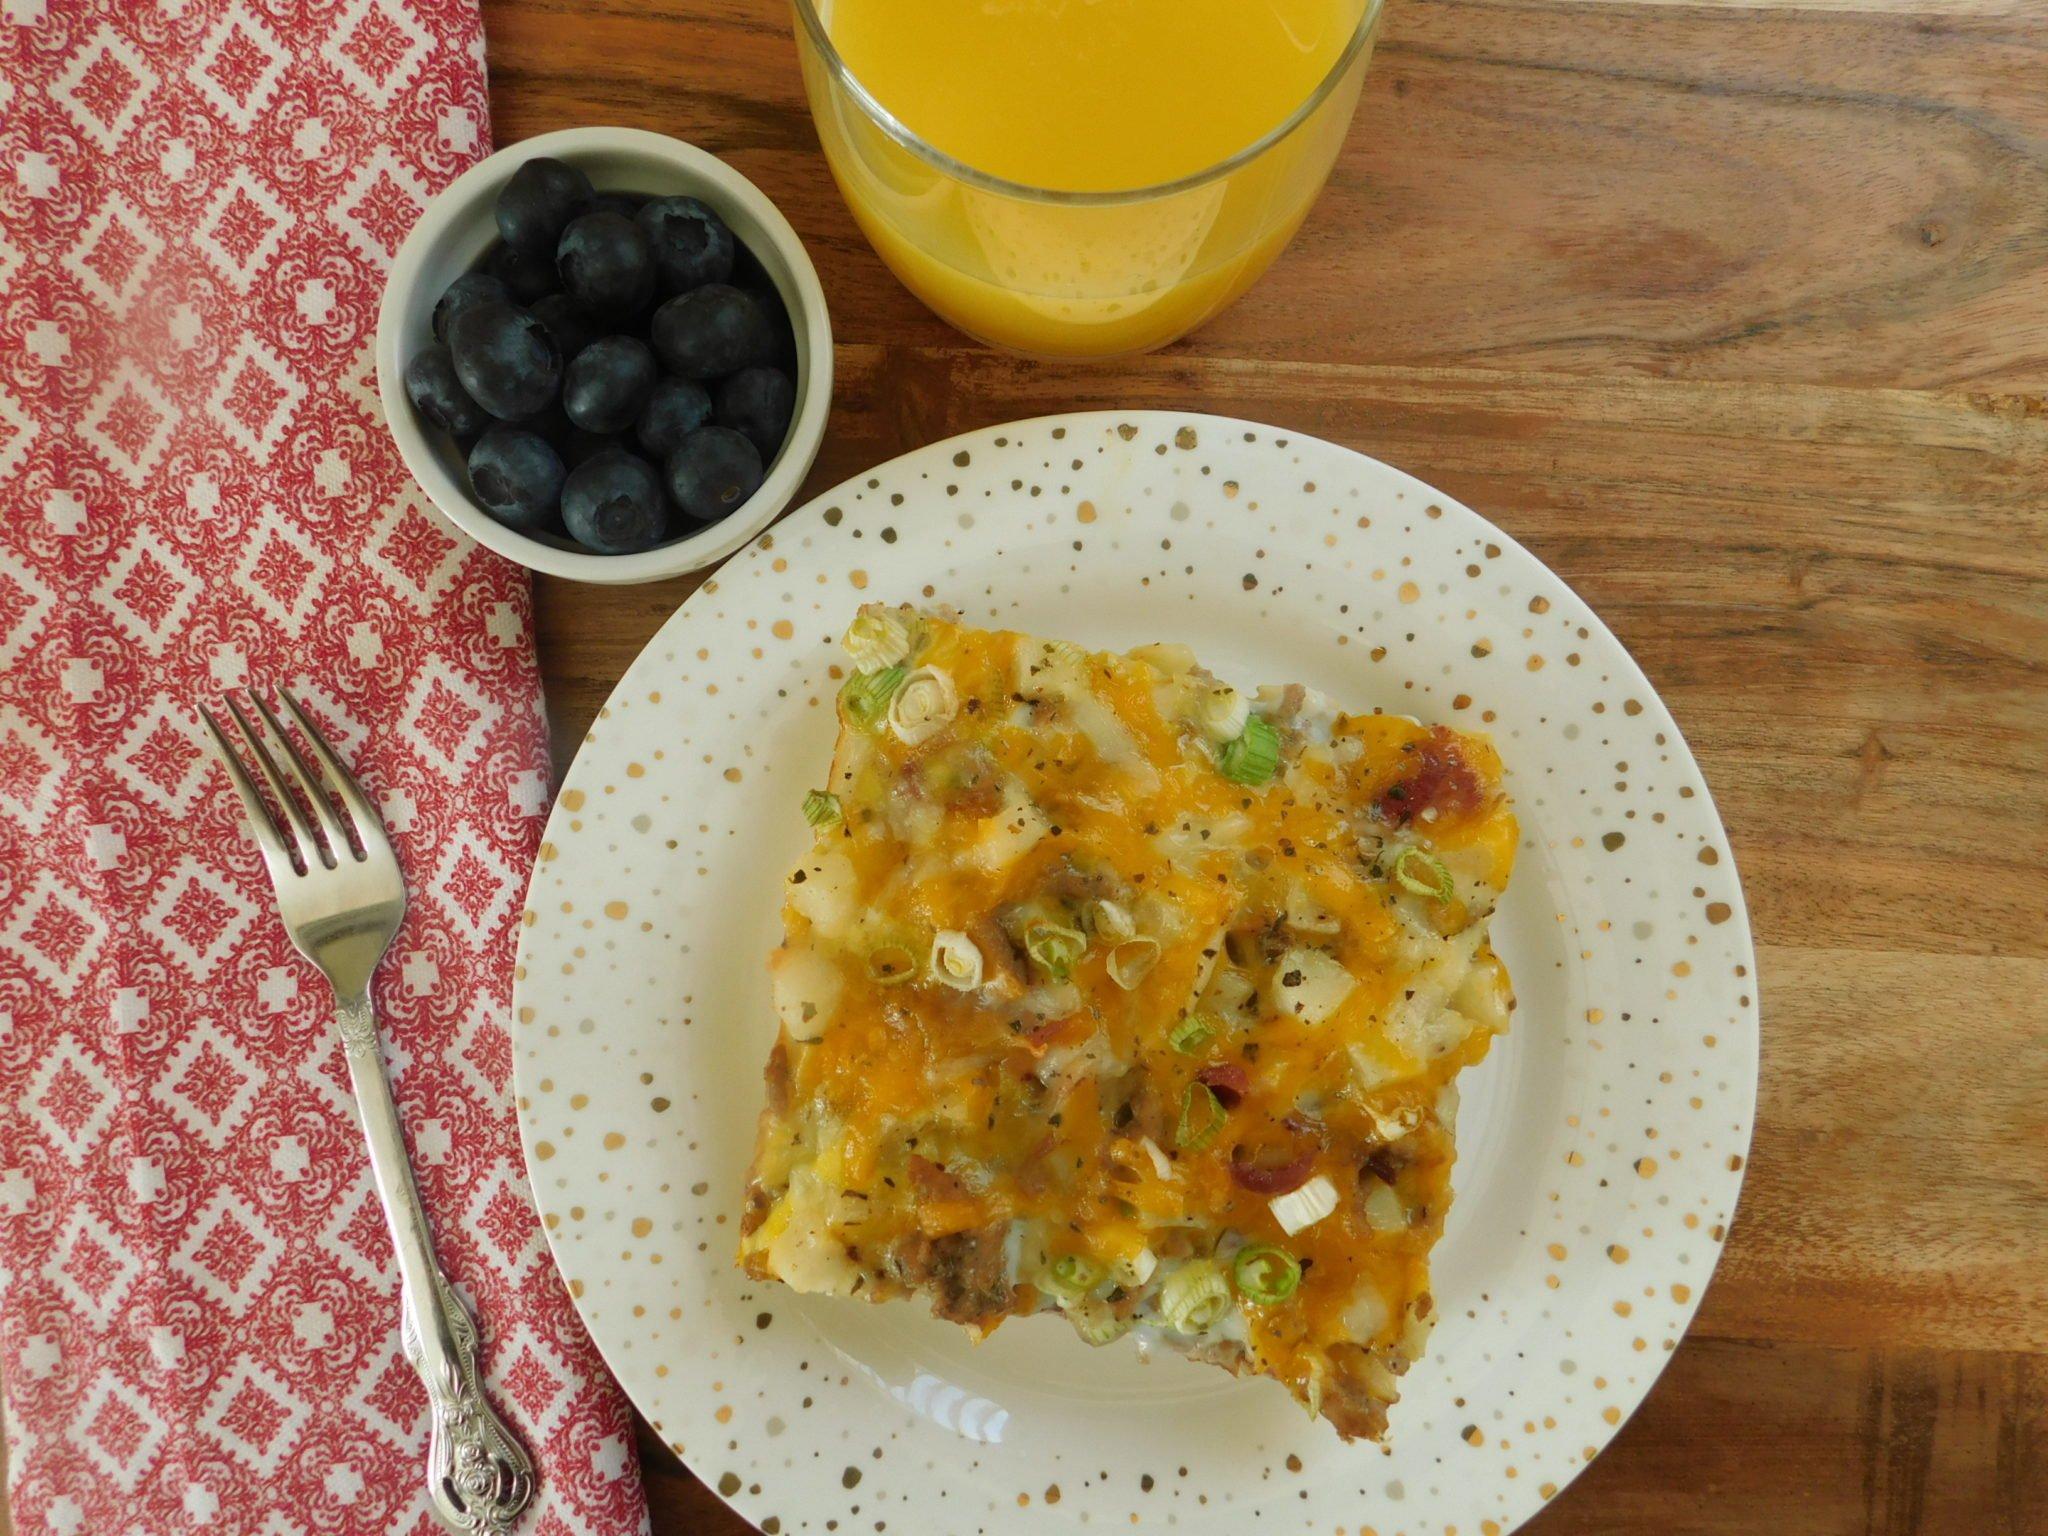 Turkey hash brown breakfast casserole